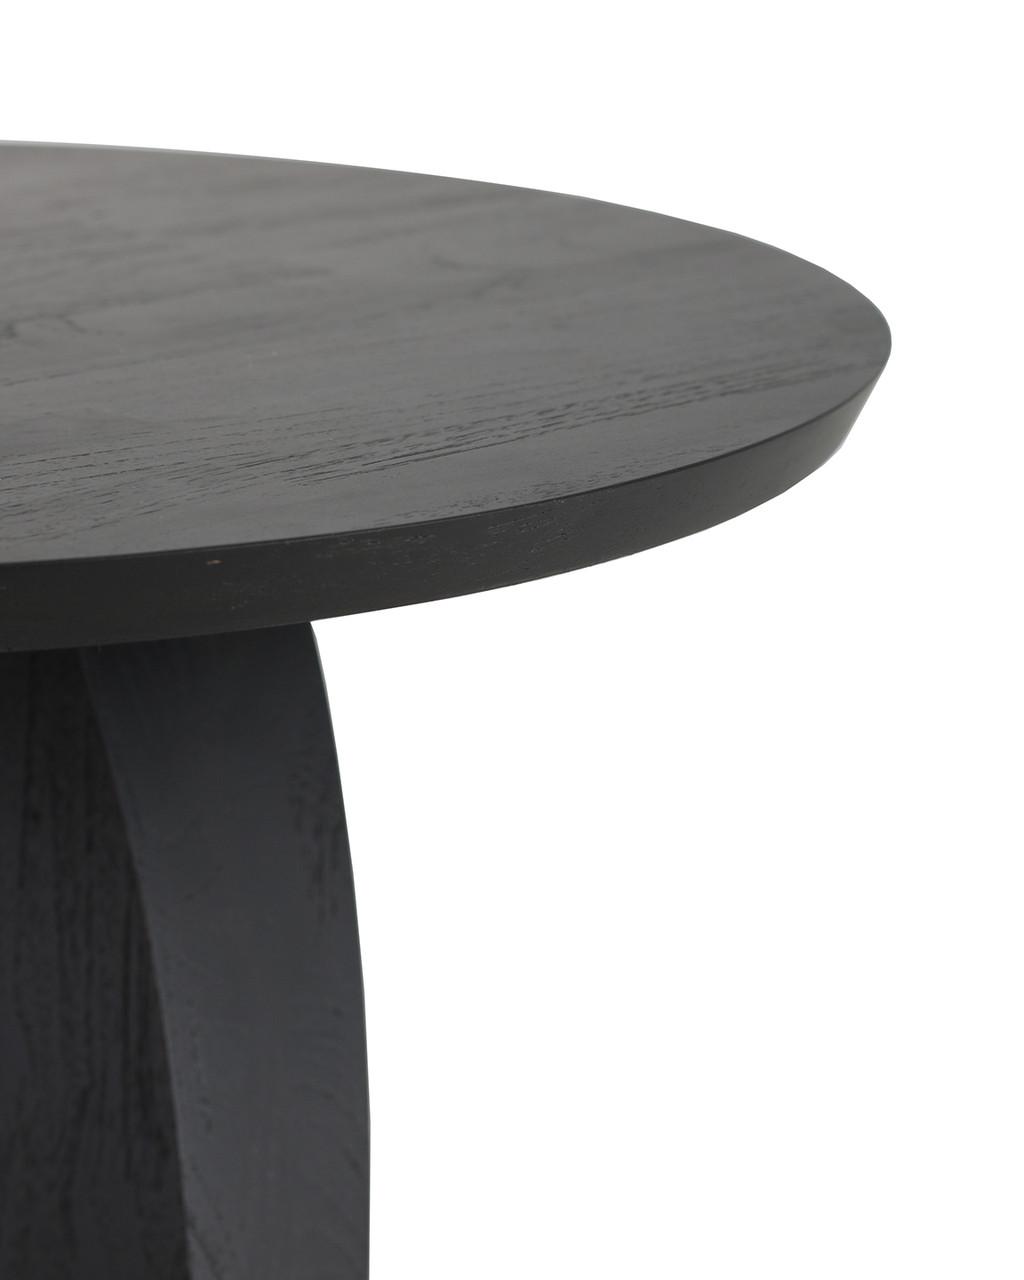 Teak Bau Black Round Side Table